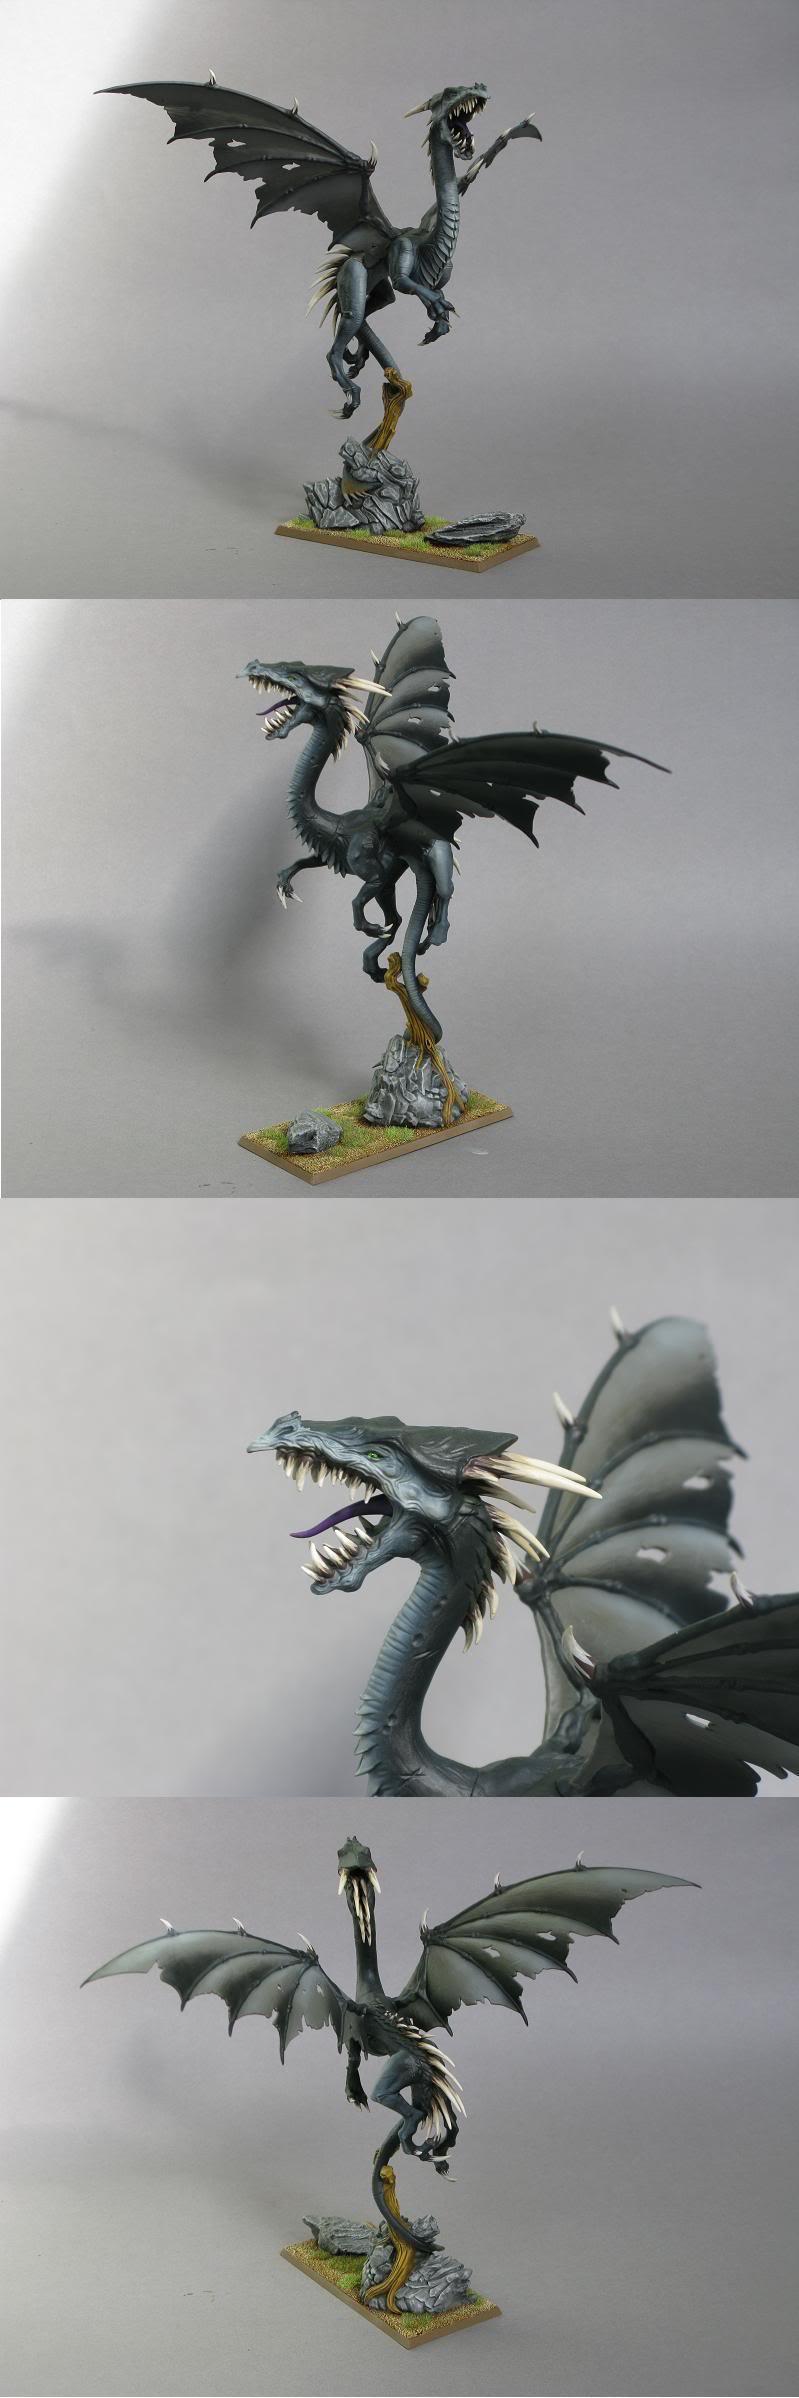 DragonInner.jpg